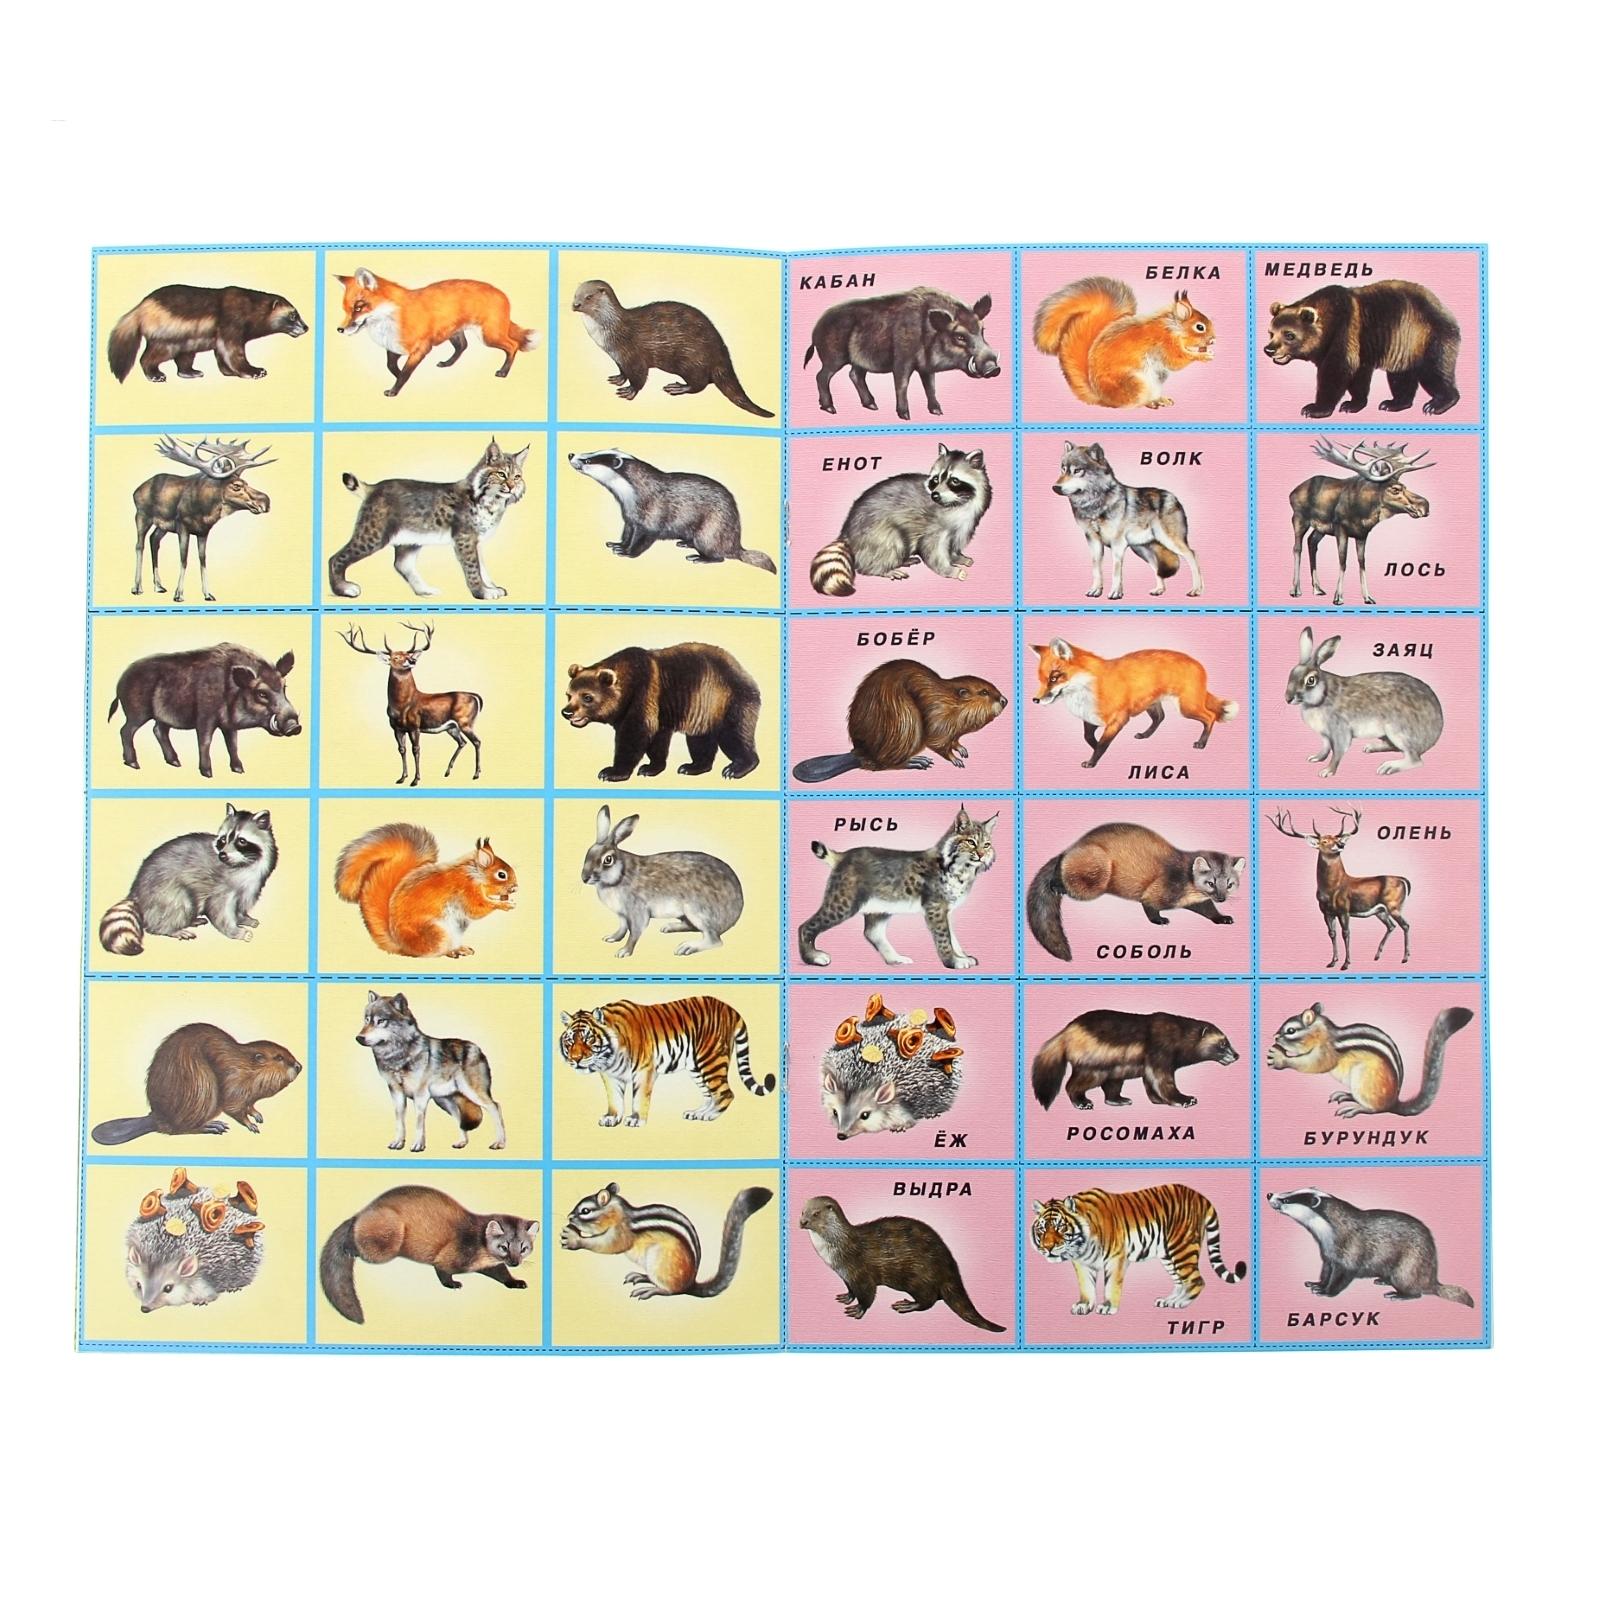 картинки диких и домашних животных с описанием серия полностью соответствует